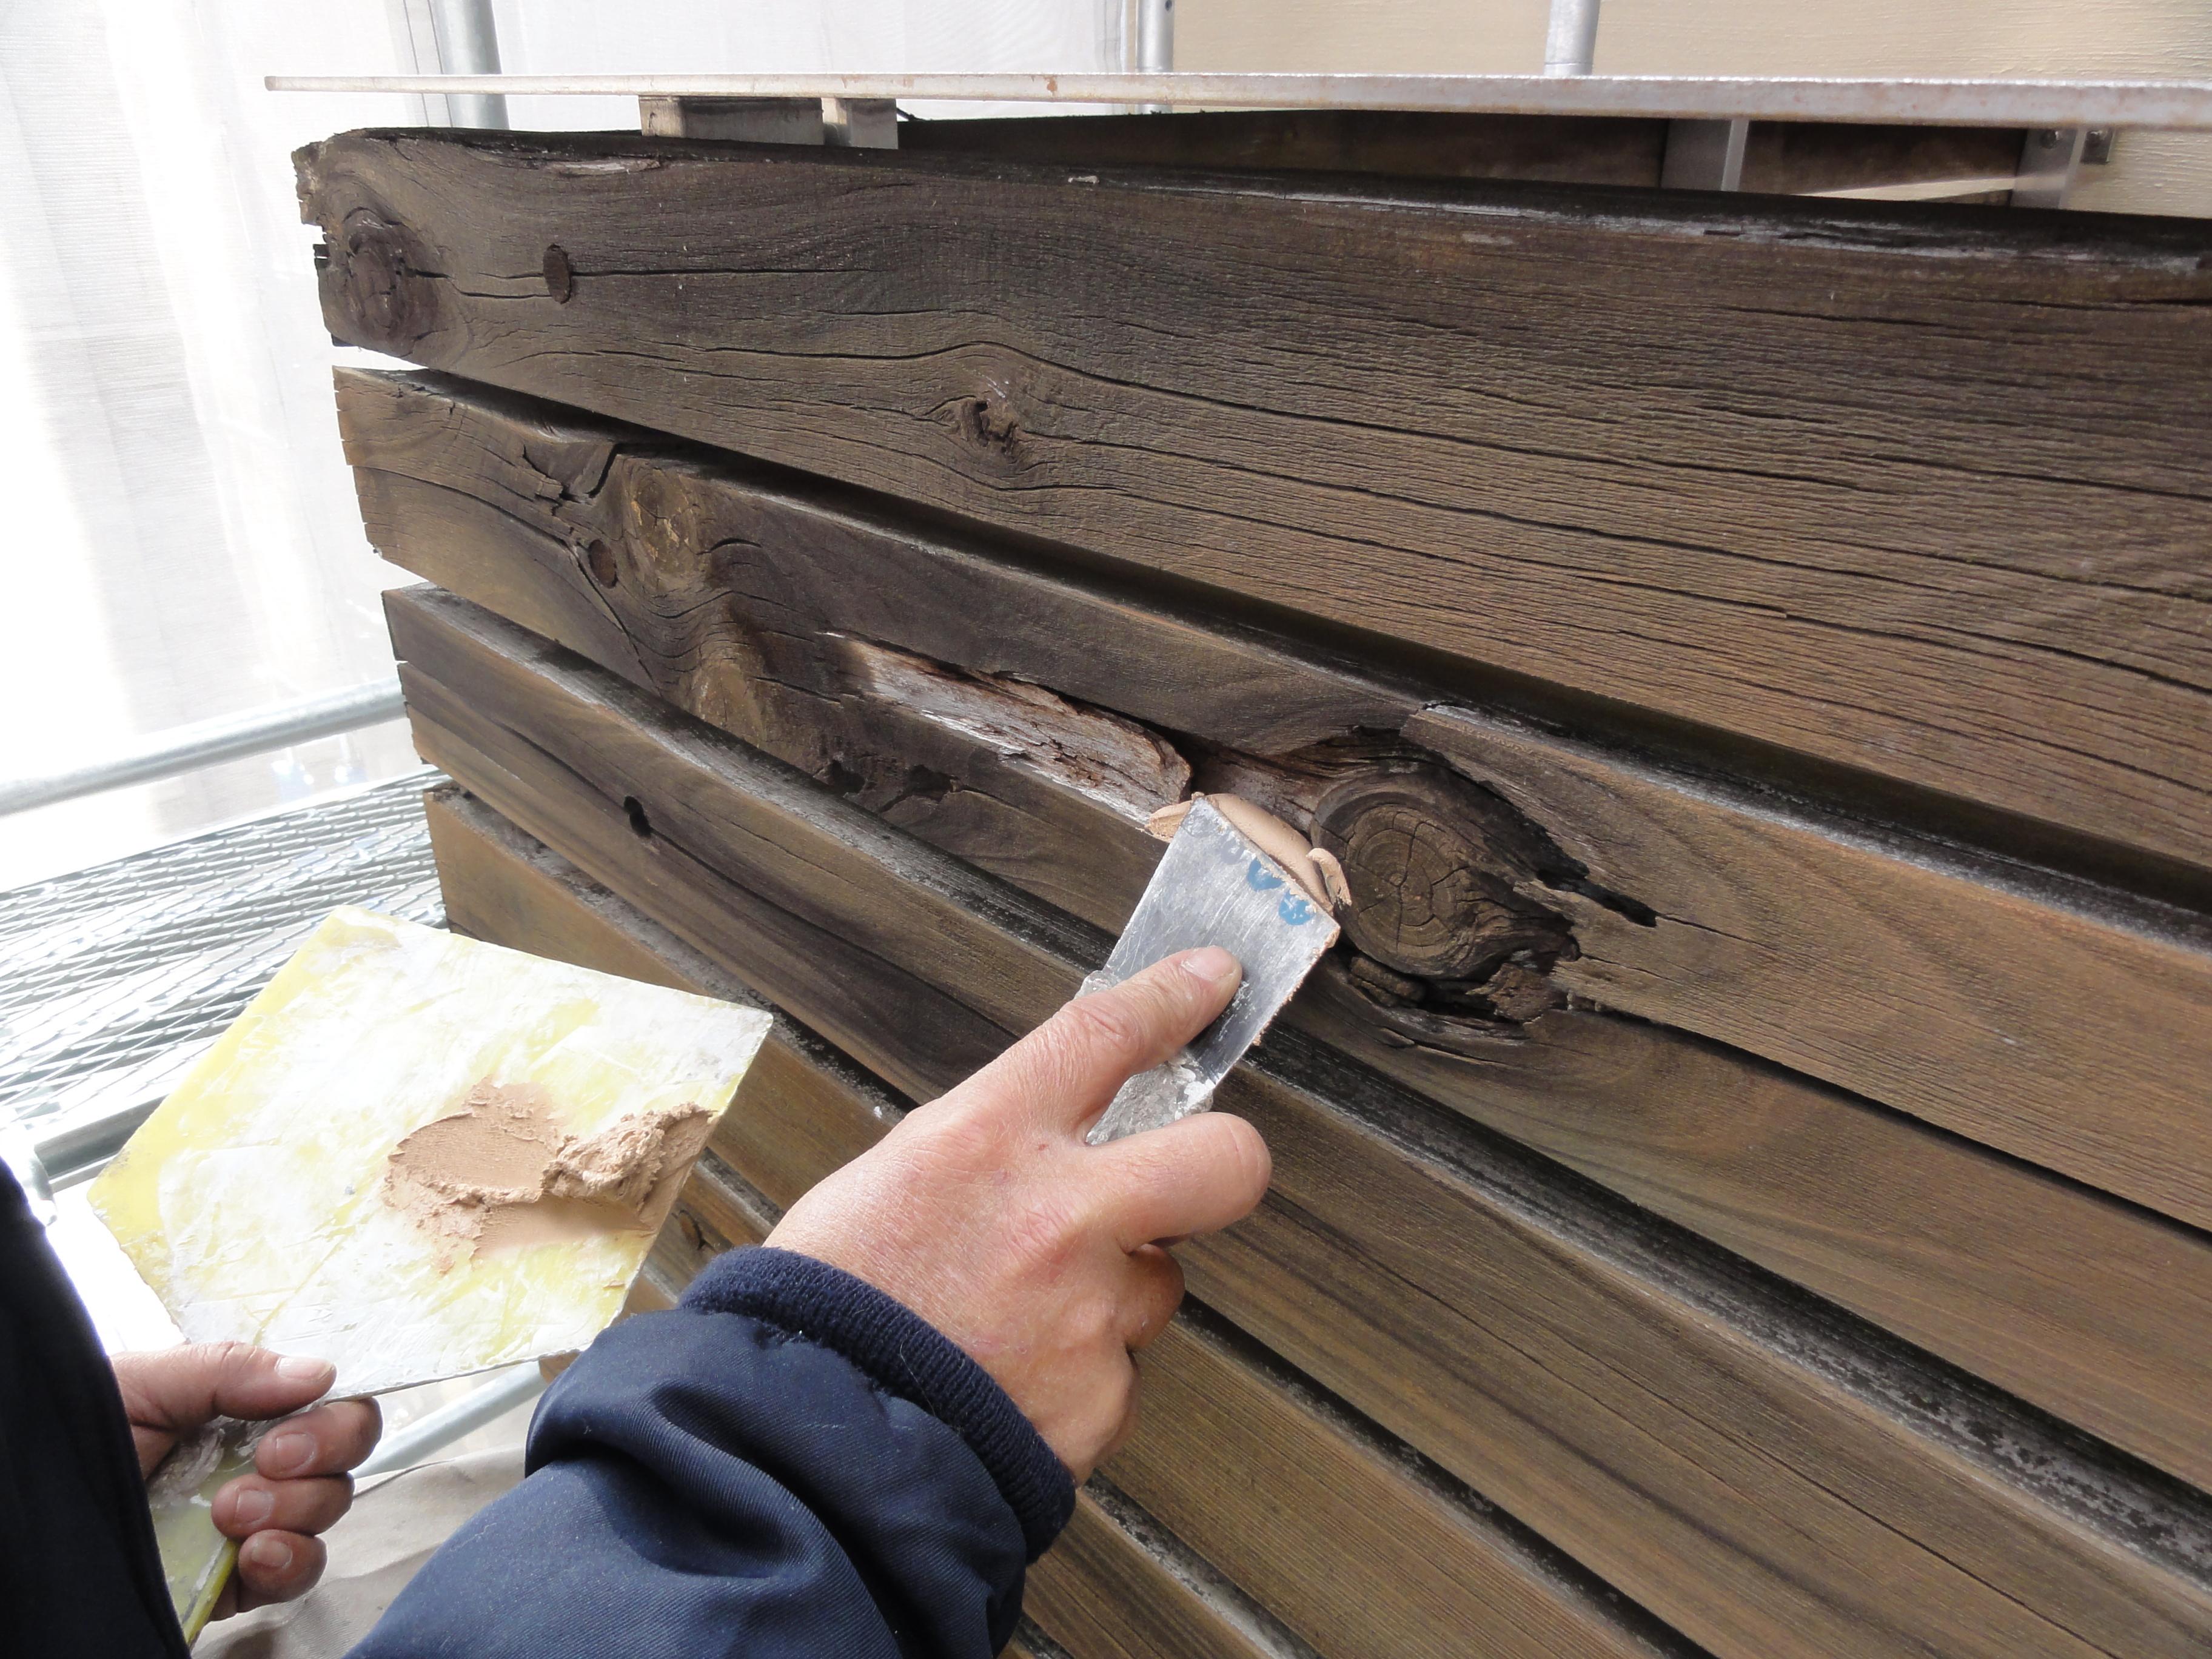 木工パテにて補修作業中